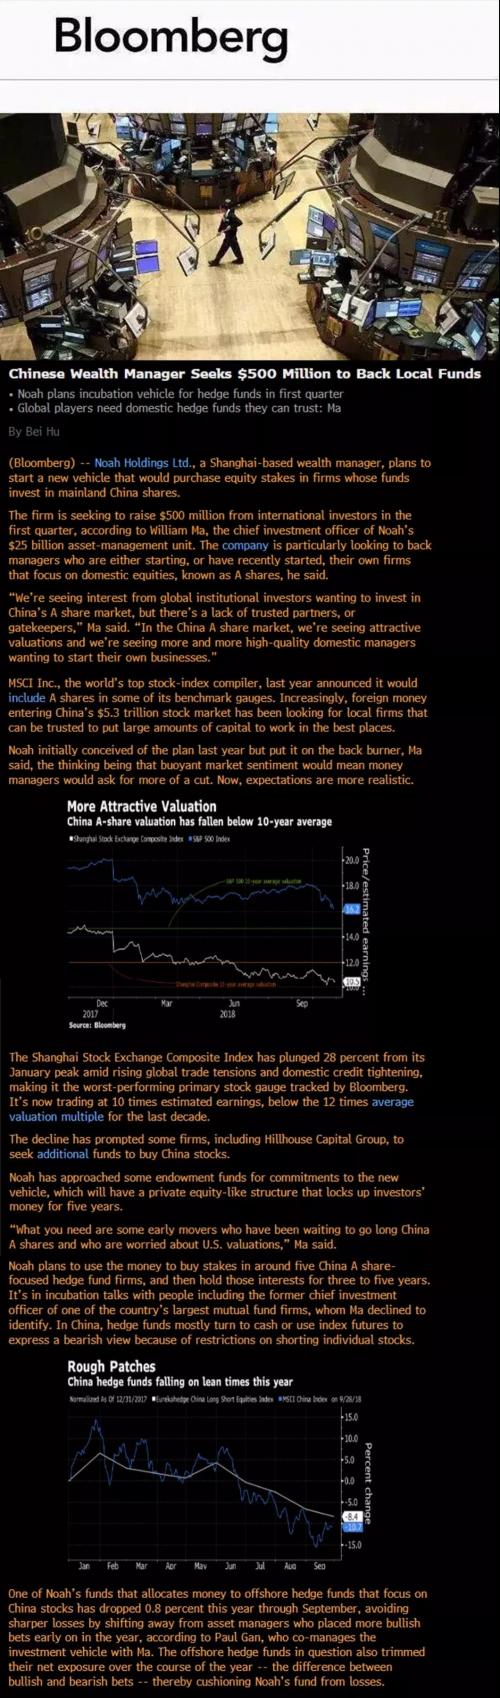 彭博社报道:诺亚财富将计划募集5亿美元投资于中国本土基金